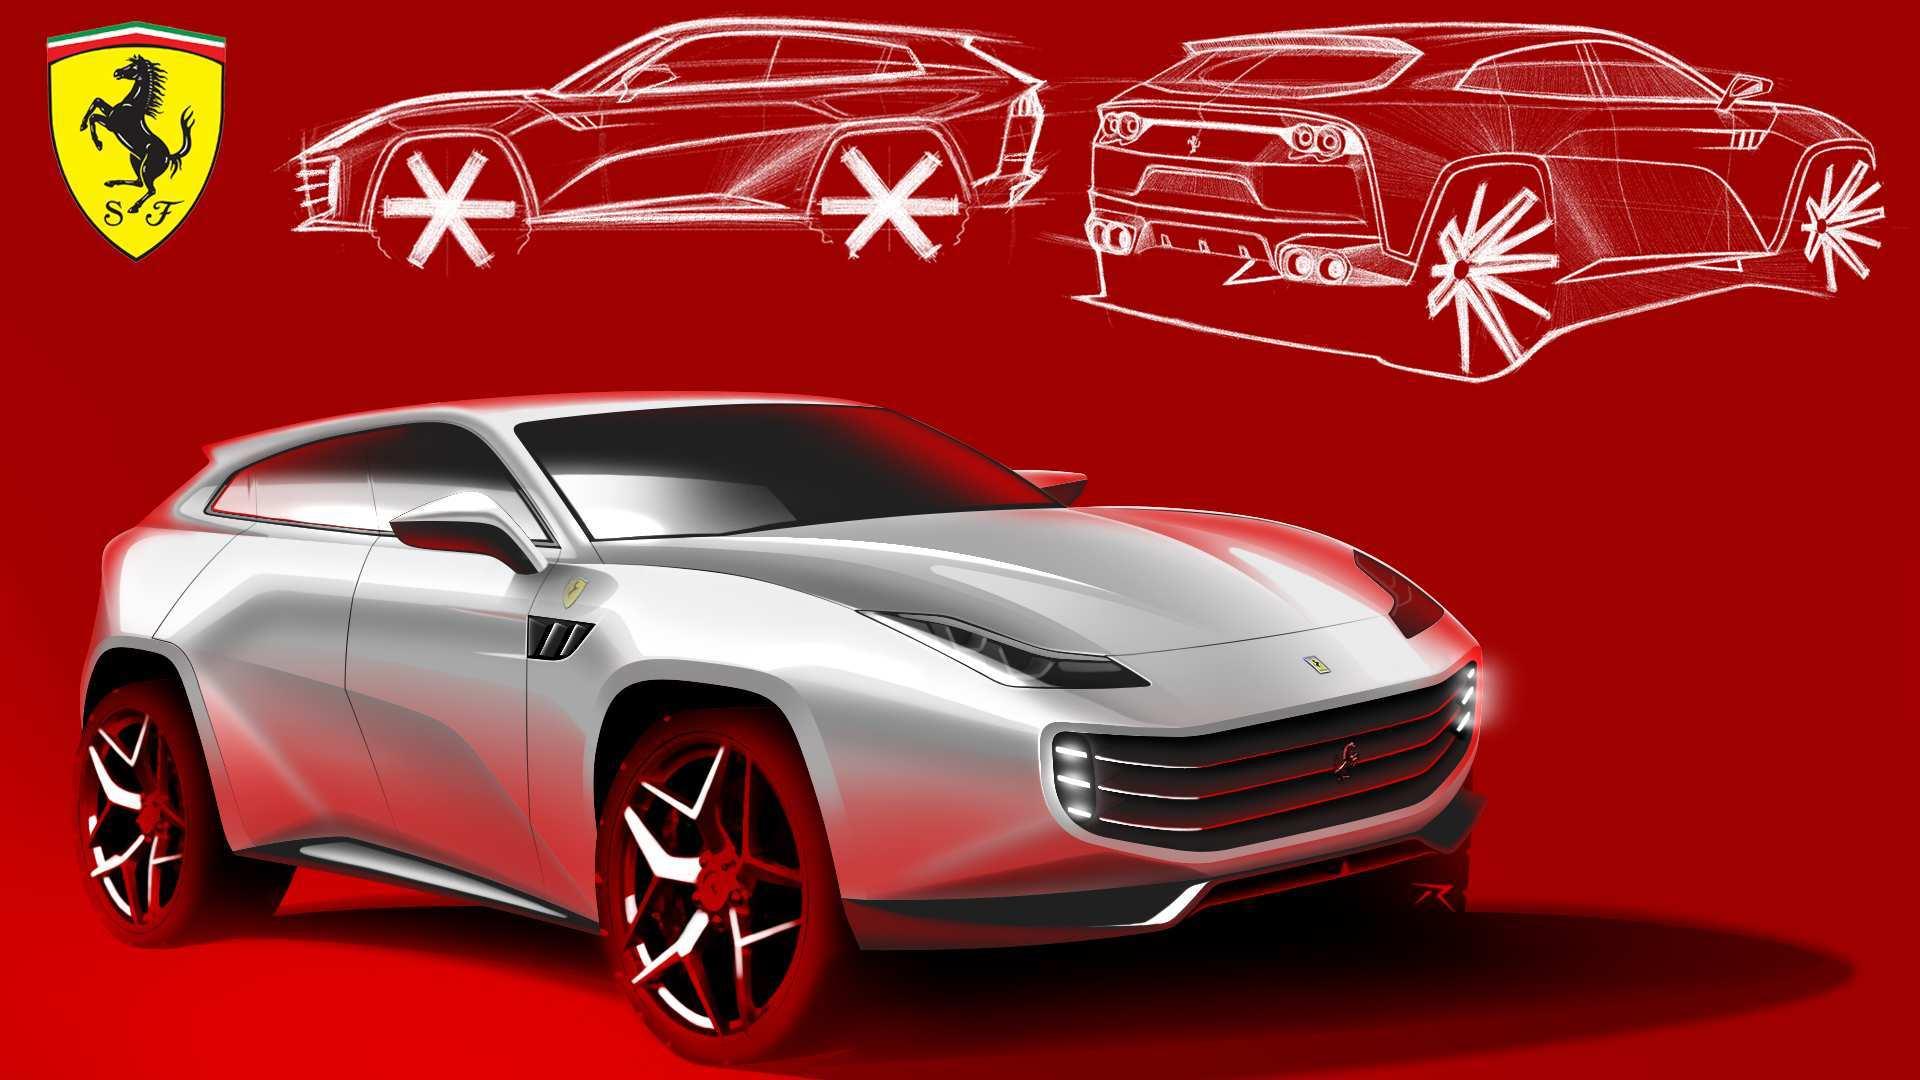 99 All New Ferrari Suv 2020 Configurations by Ferrari Suv 2020